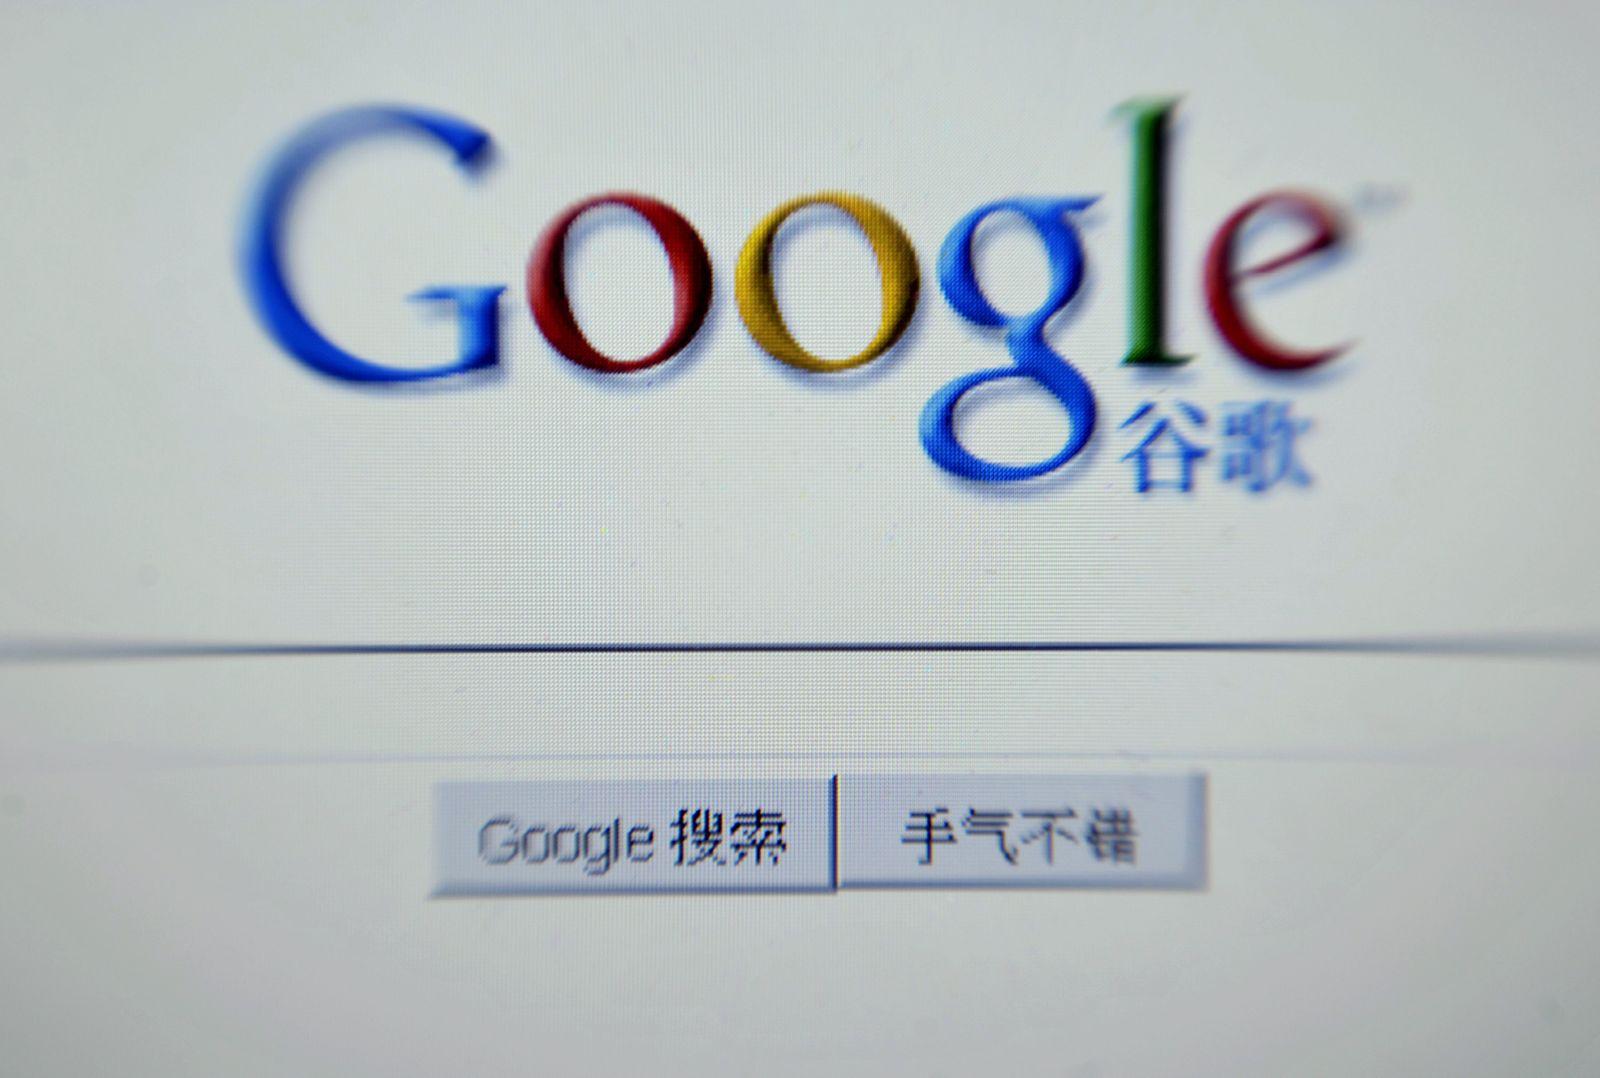 NICHT VERWENDEN Medien: Google legt sich mit China an